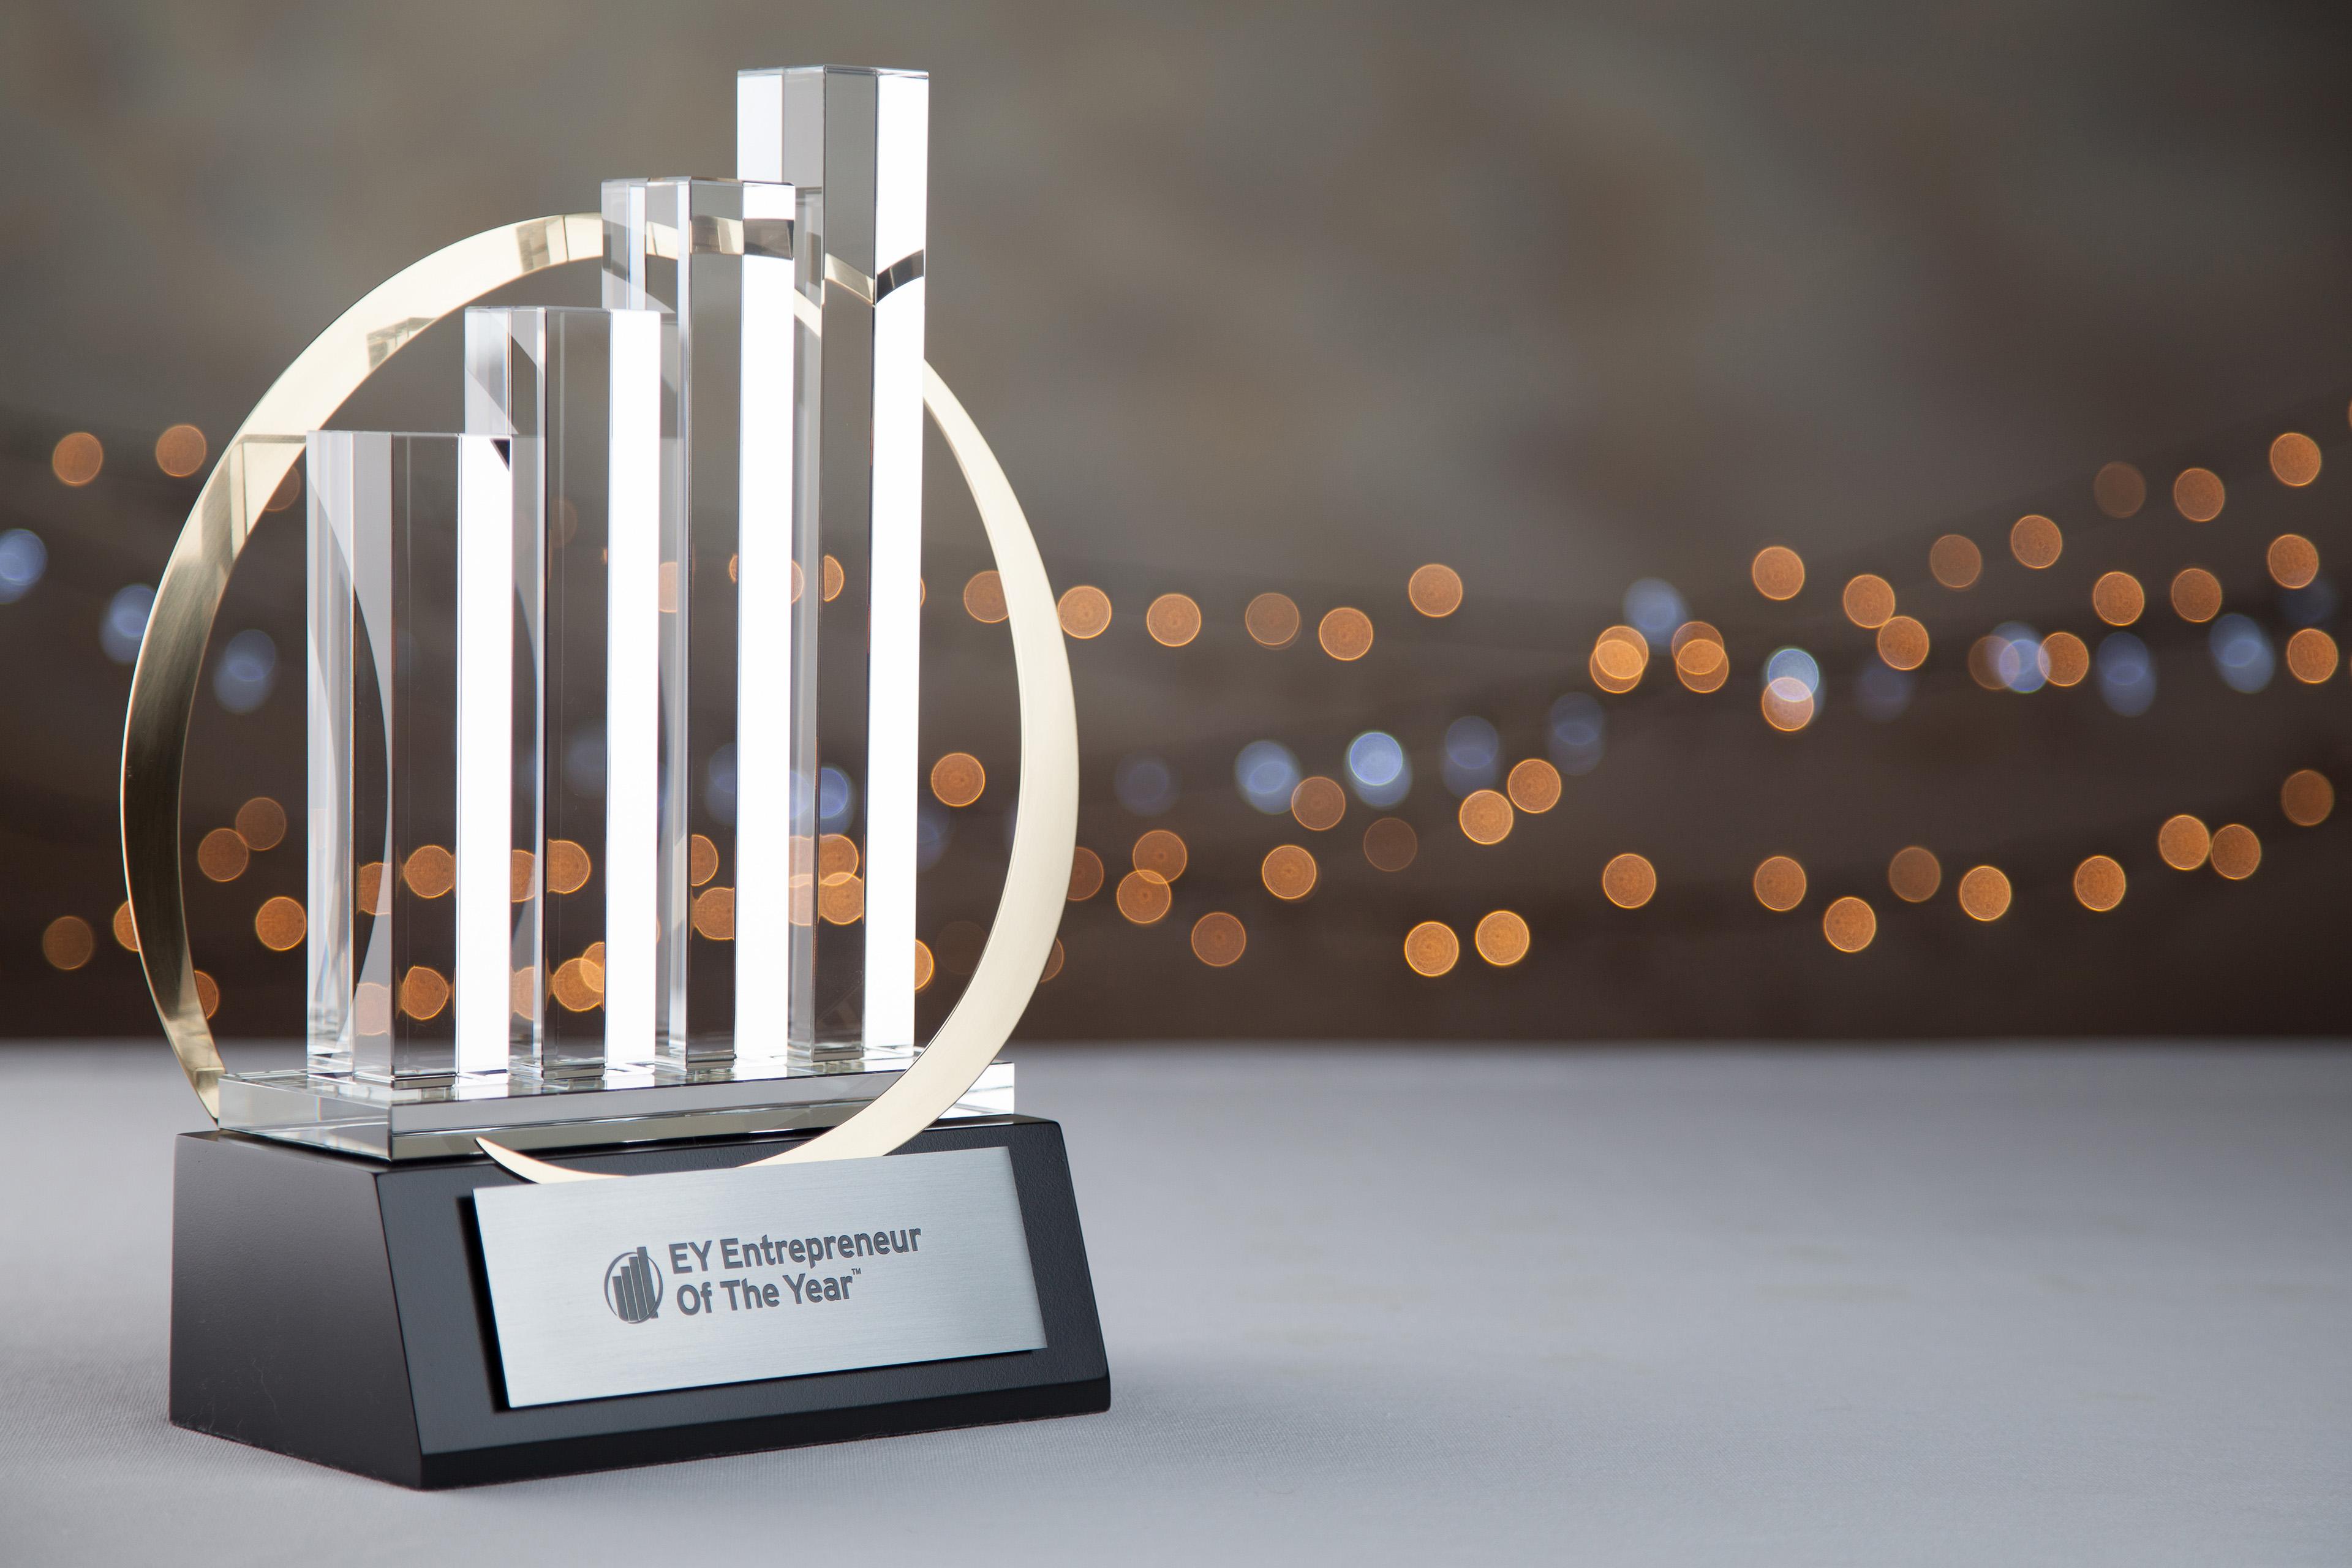 В Минске состоялось награждение победителей конкурса «Предприниматель года» по итогам деятельности за 2019 год.